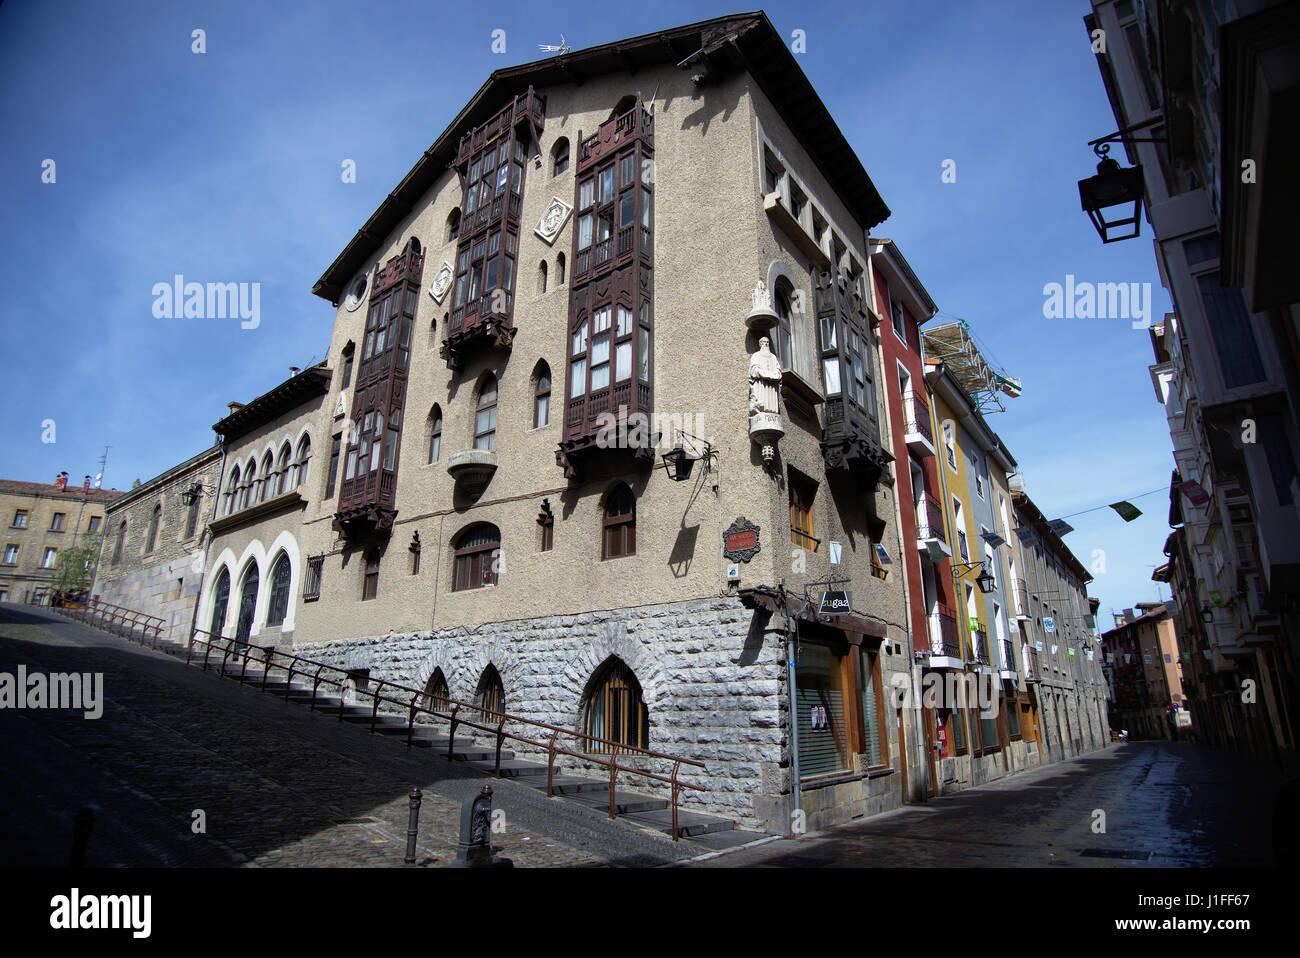 Fachada de la casa cerca de la catedral, en una calle céntrica de Vitoria-Gasteiz, Alava, País Vasco, Imagen De Stock